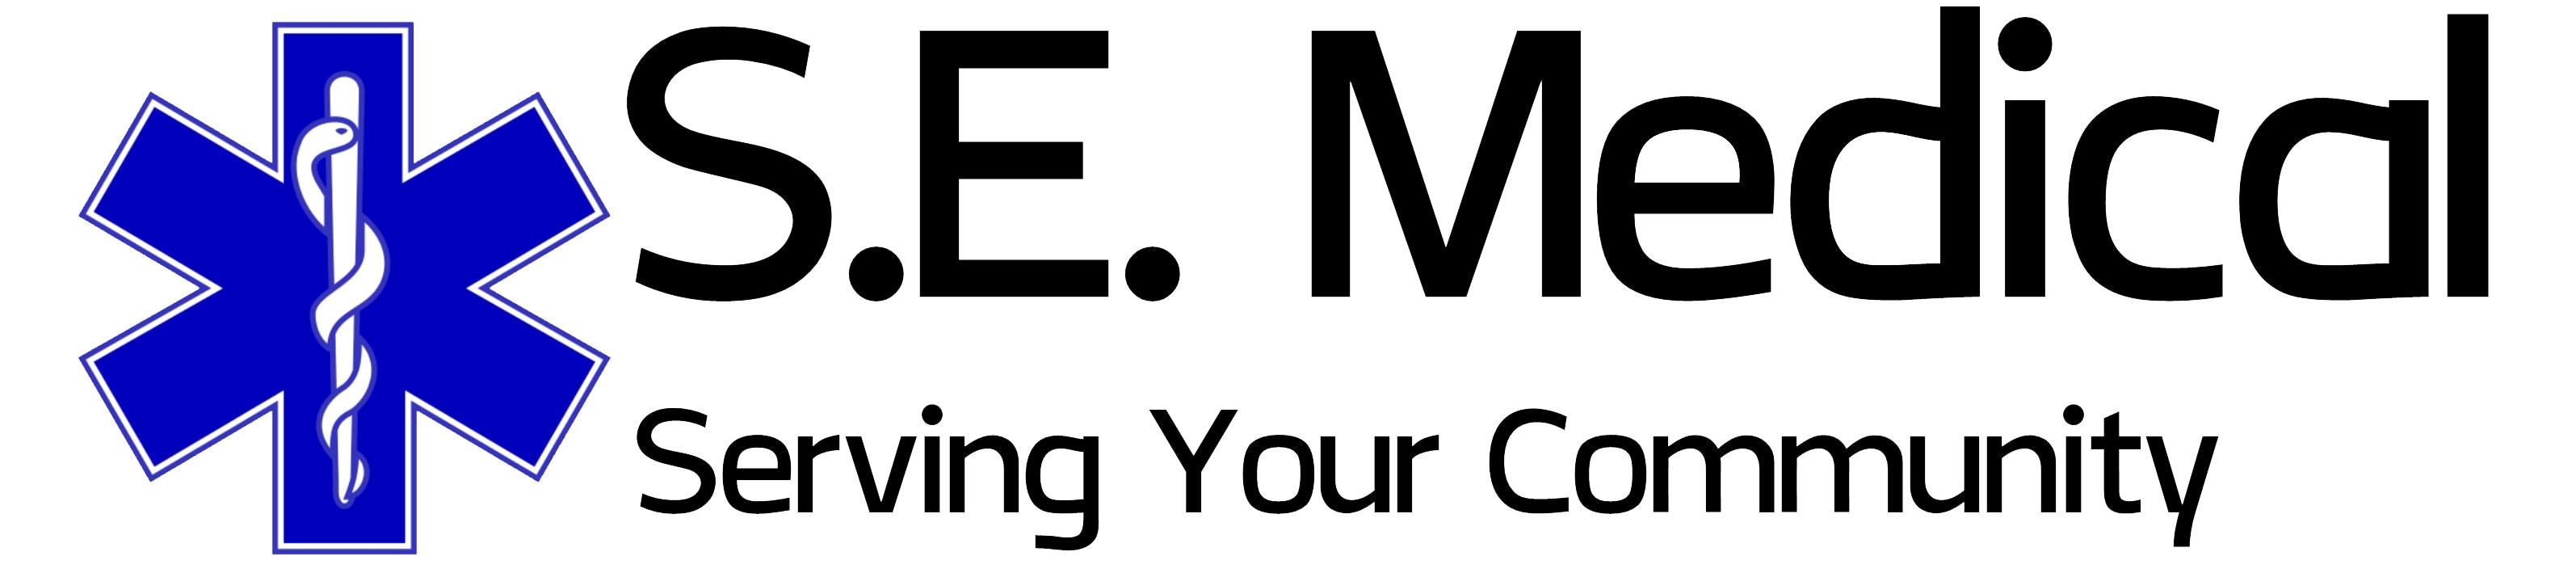 SE Medical